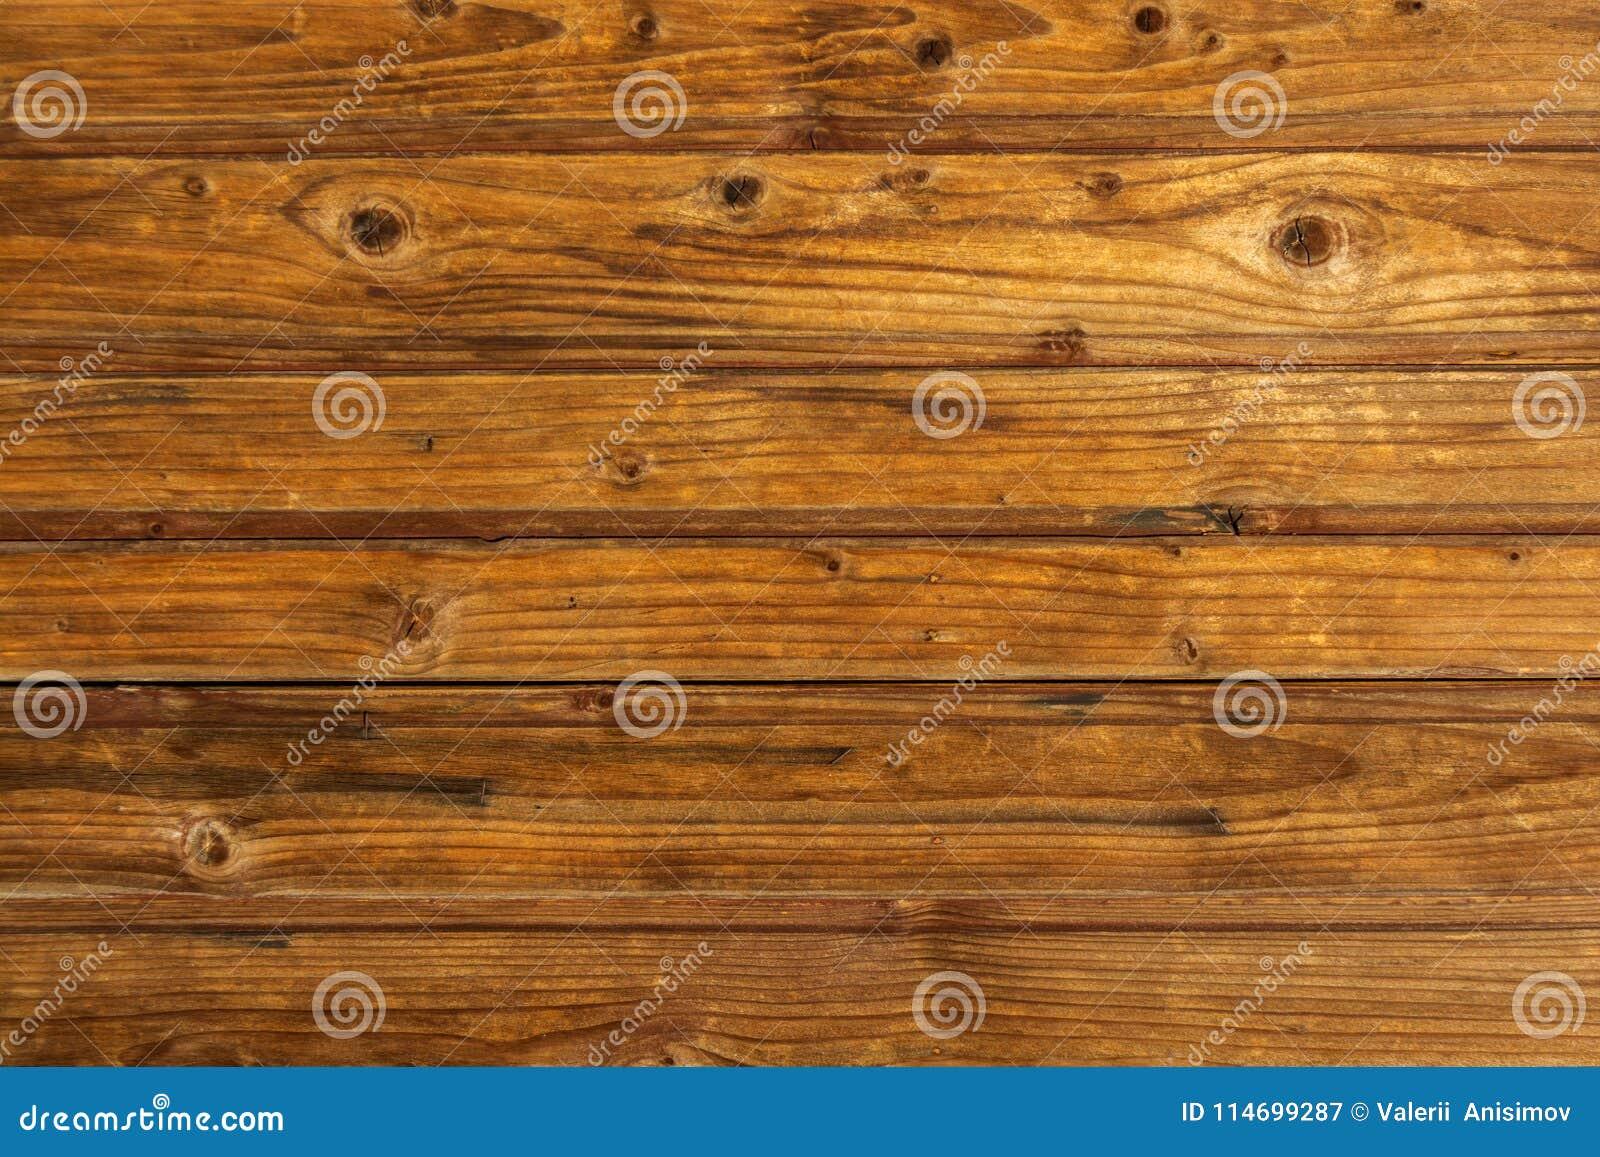 Деревянные планки, деревянная текстура